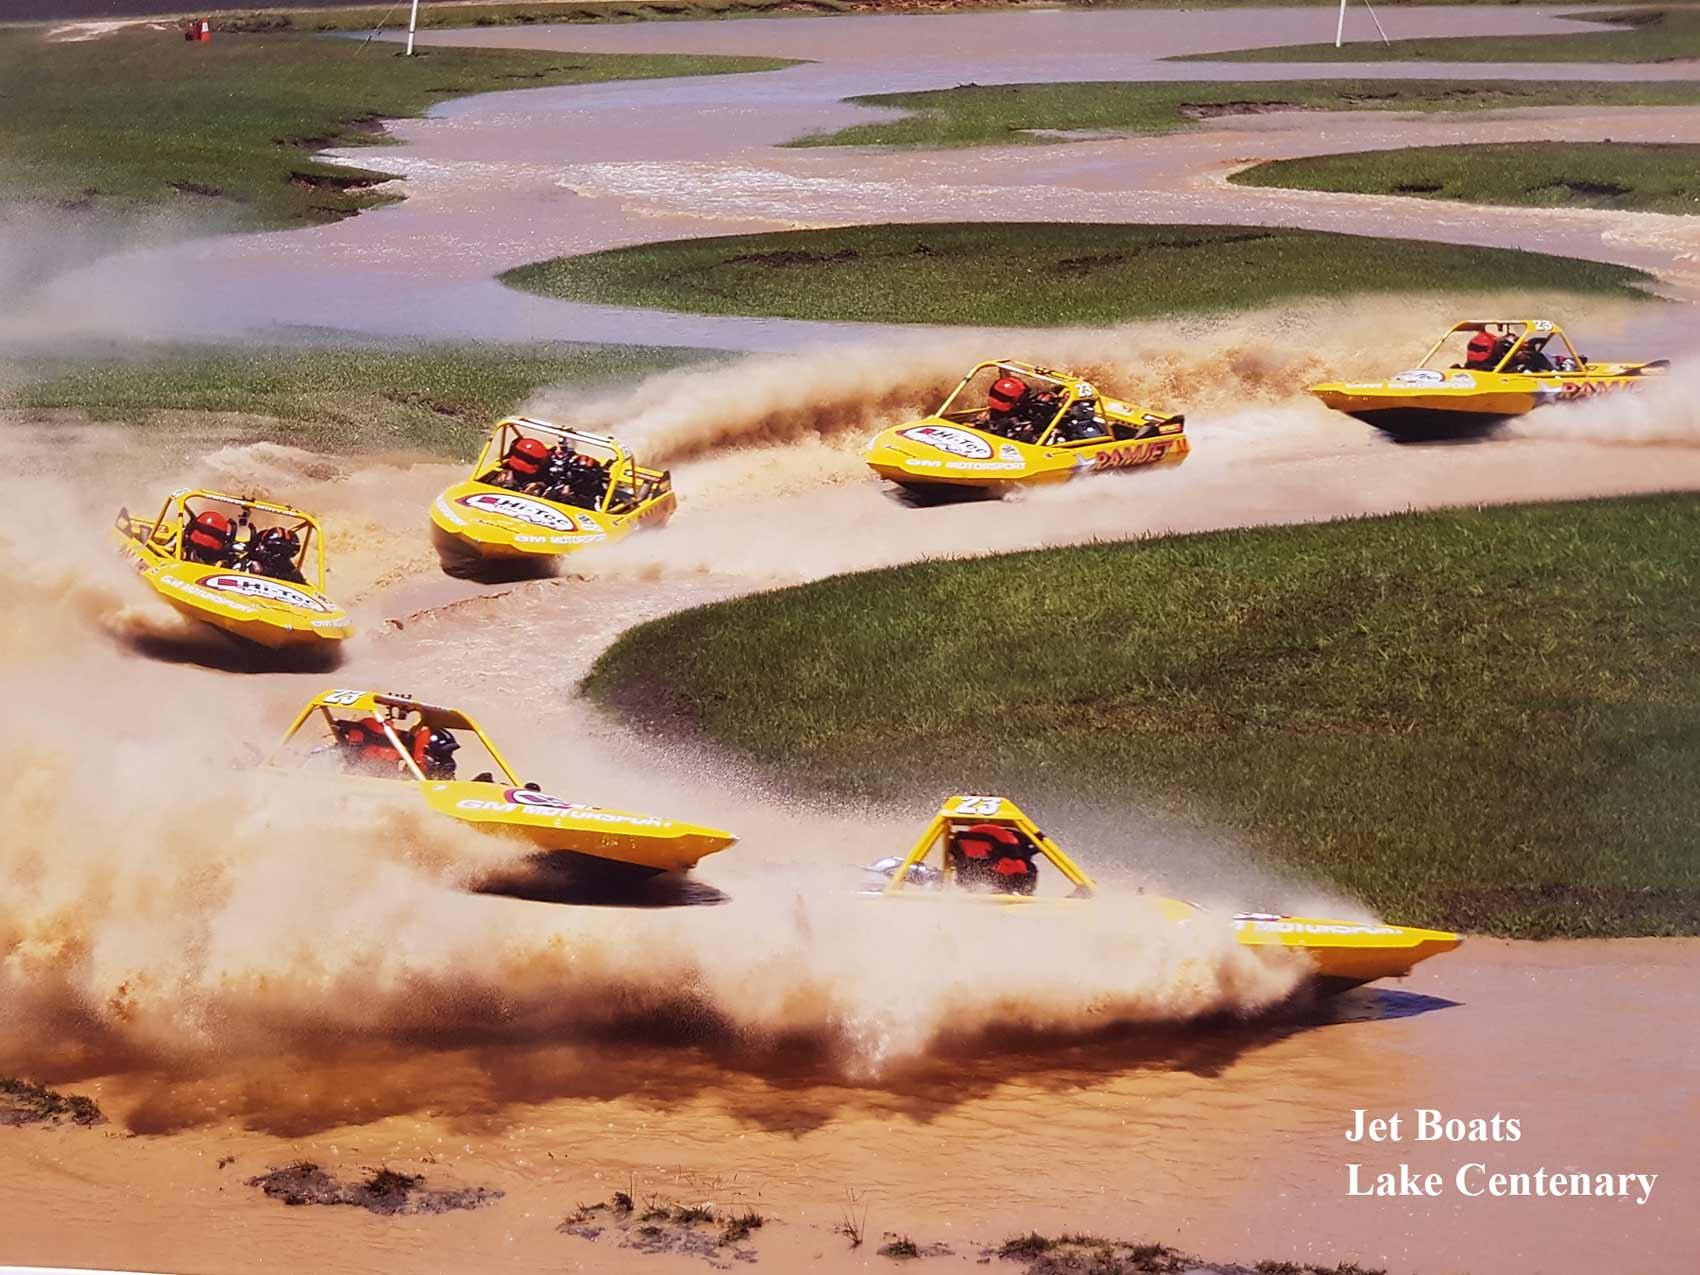 jet boats lake centenary